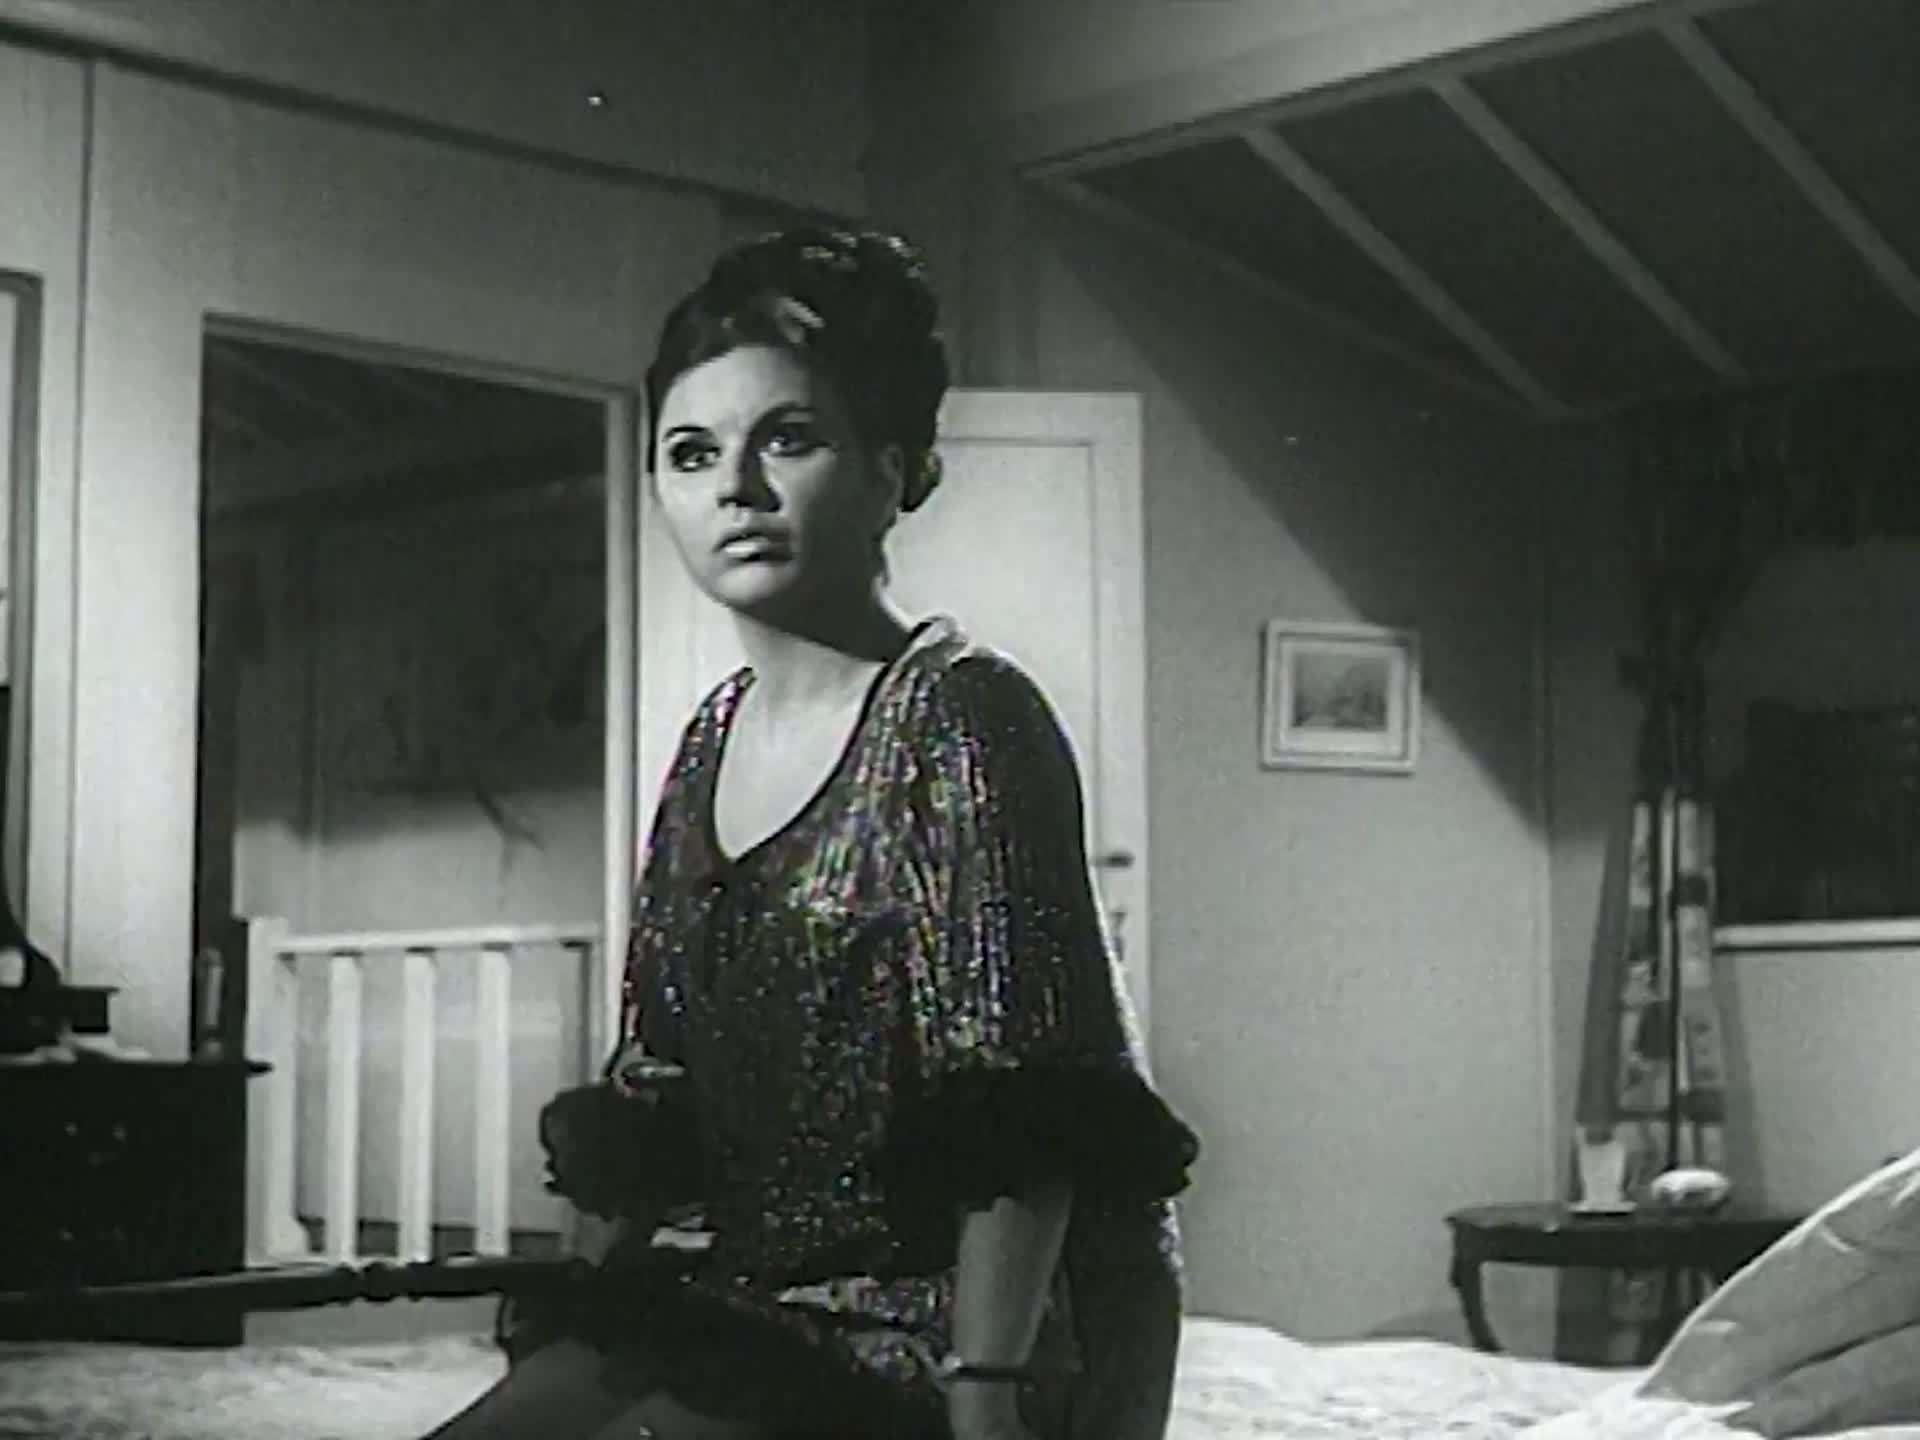 [فيلم][تورنت][تحميل][حواء والقرد][1968][1080p][Web-DL] 11 arabp2p.com